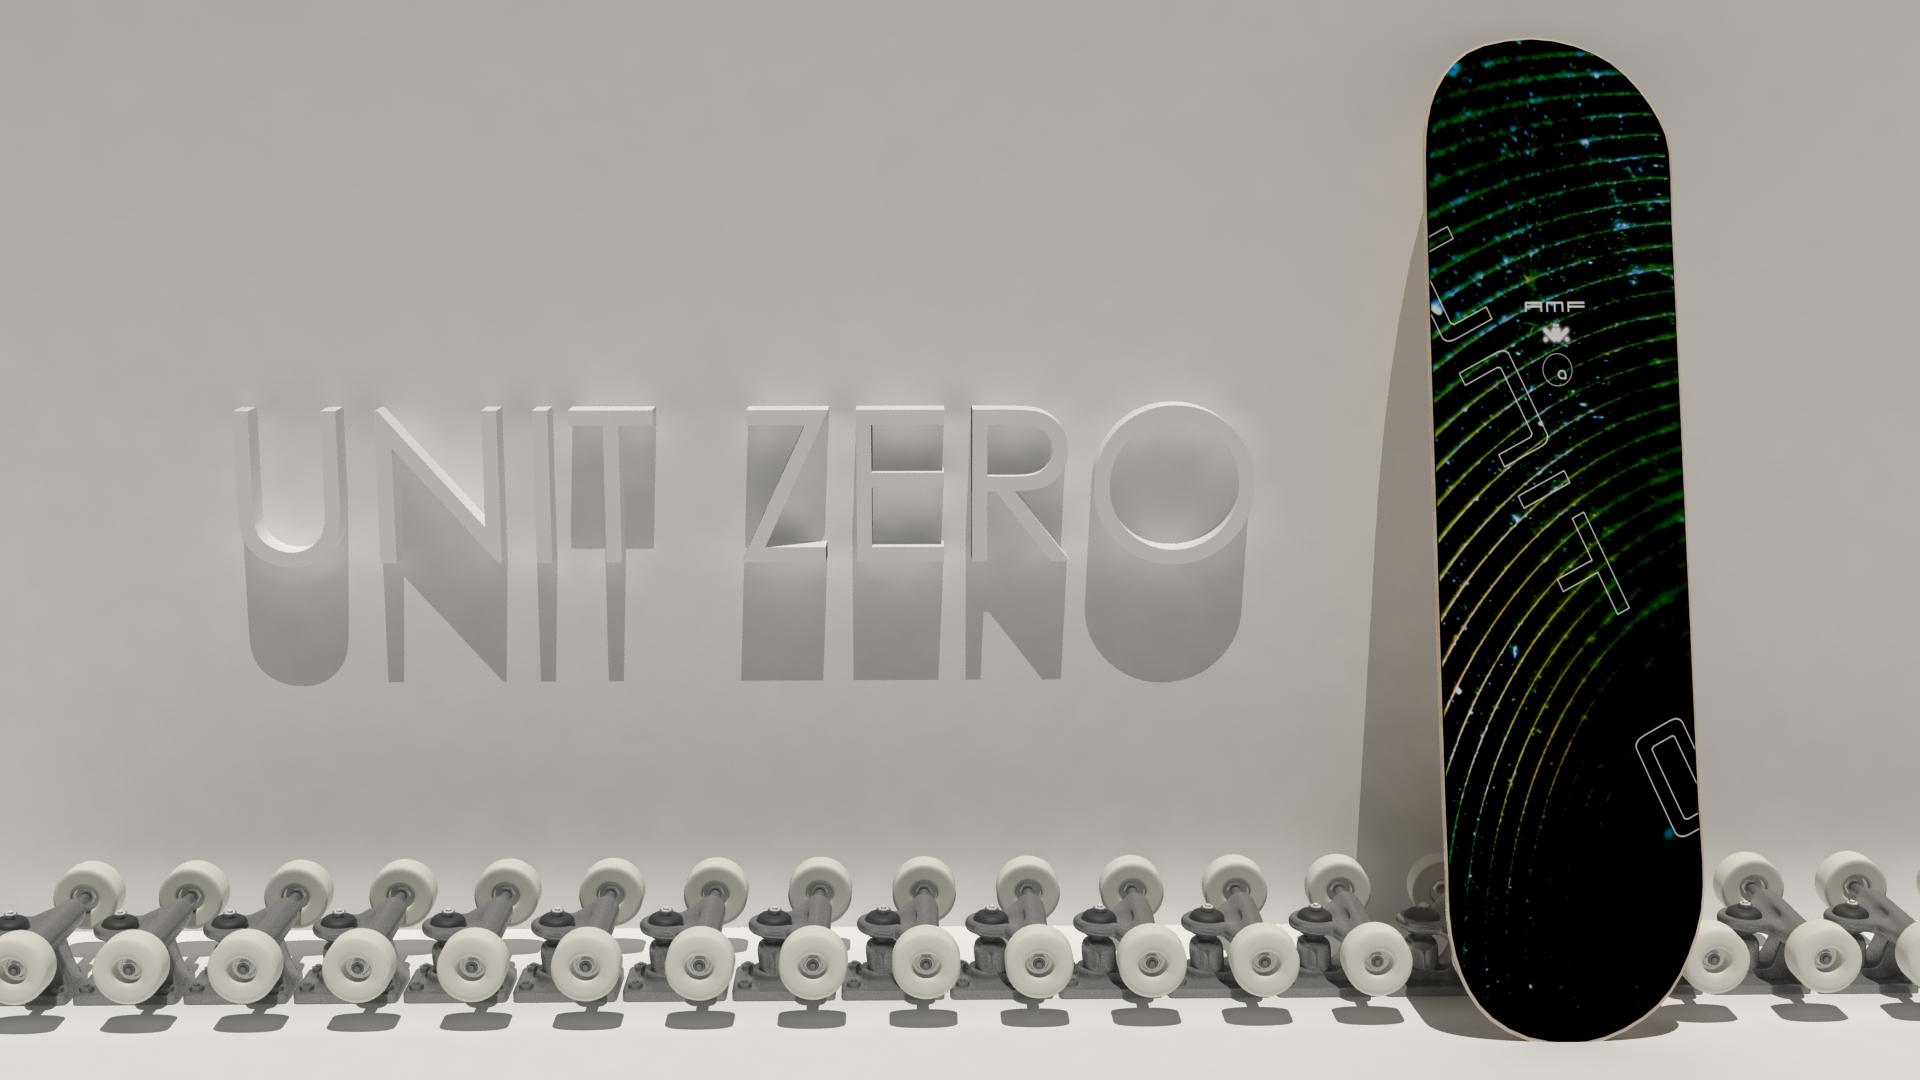 Unit Zero